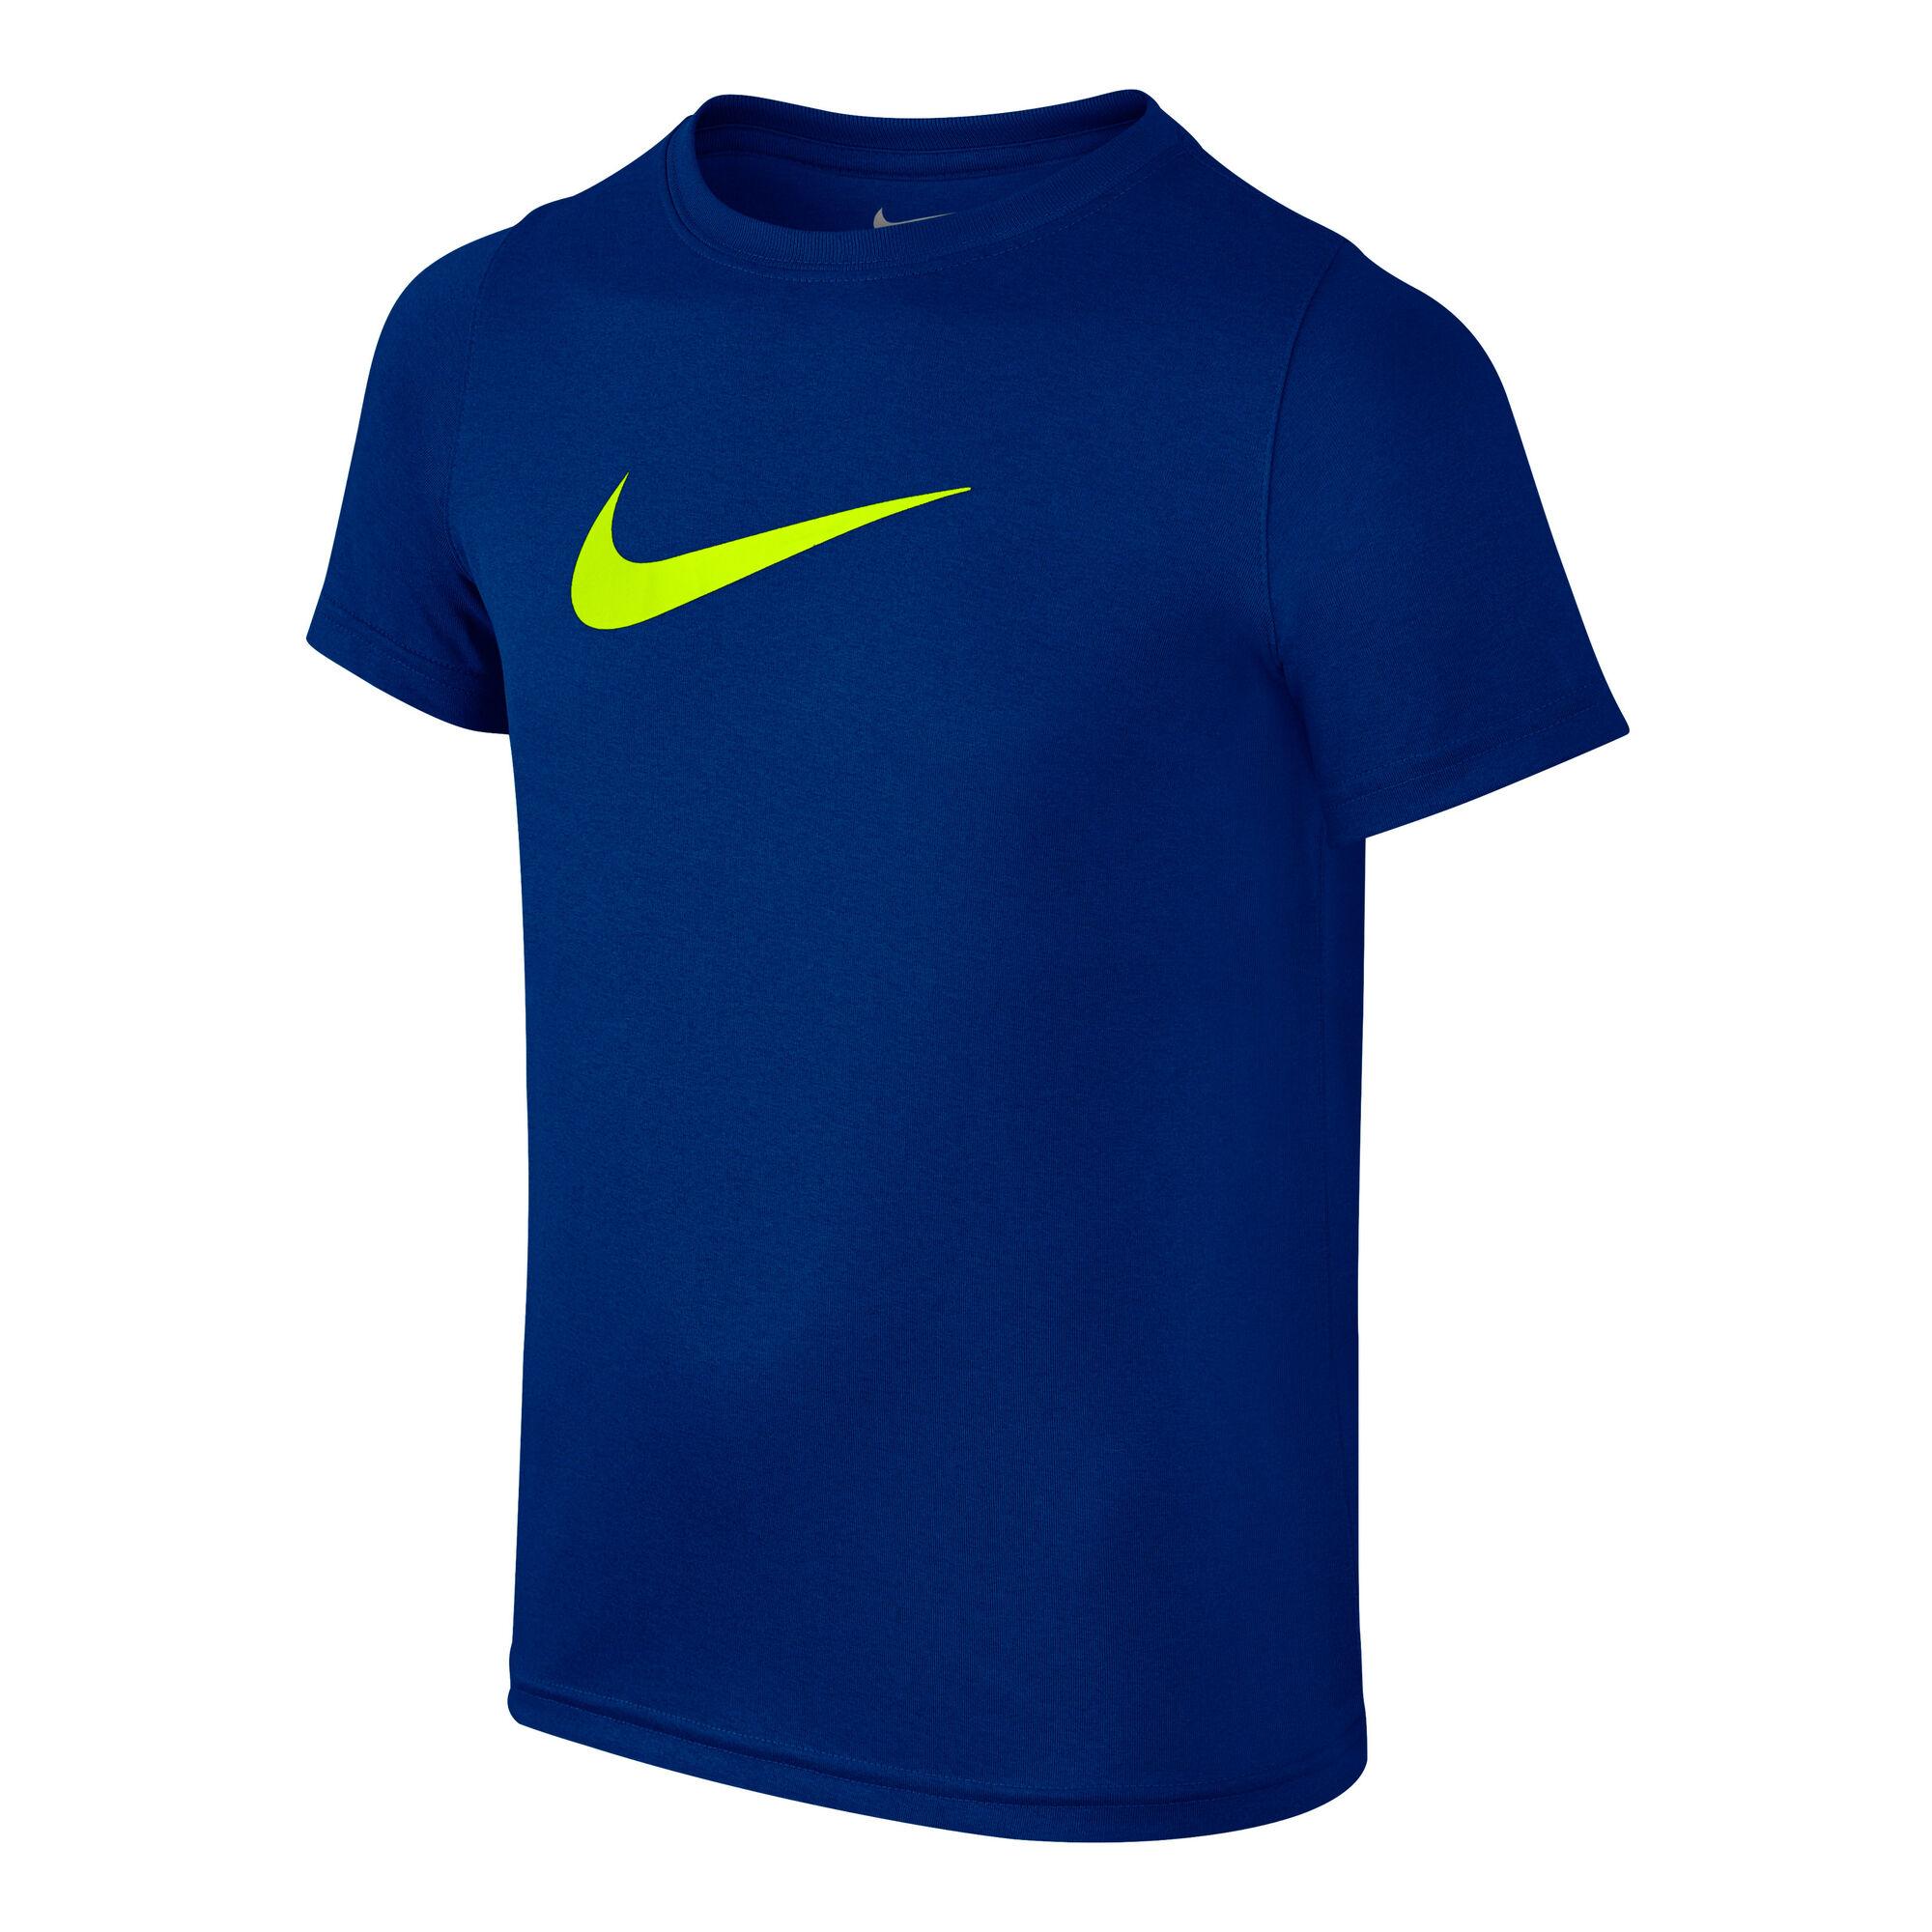 online store 6d934 7a232 Nike · Nike · Nike · Nike